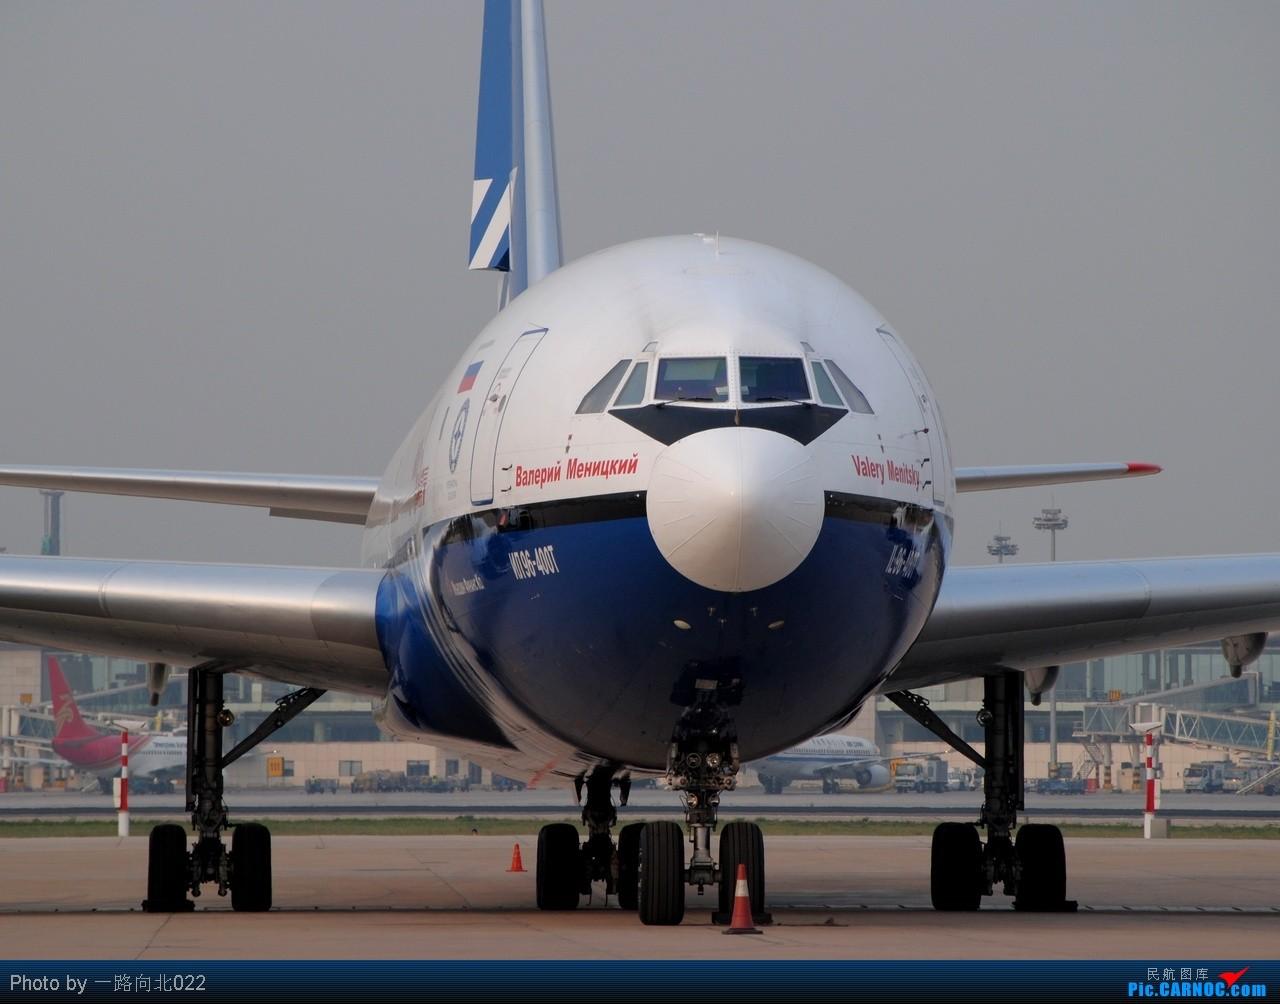 Re:[原创]**TSN**TSN**面对着全球只有4架的IL-96-400T快门就不要吝惜了 ILYUSHIN IL-96-400T  中国天津滨海机场